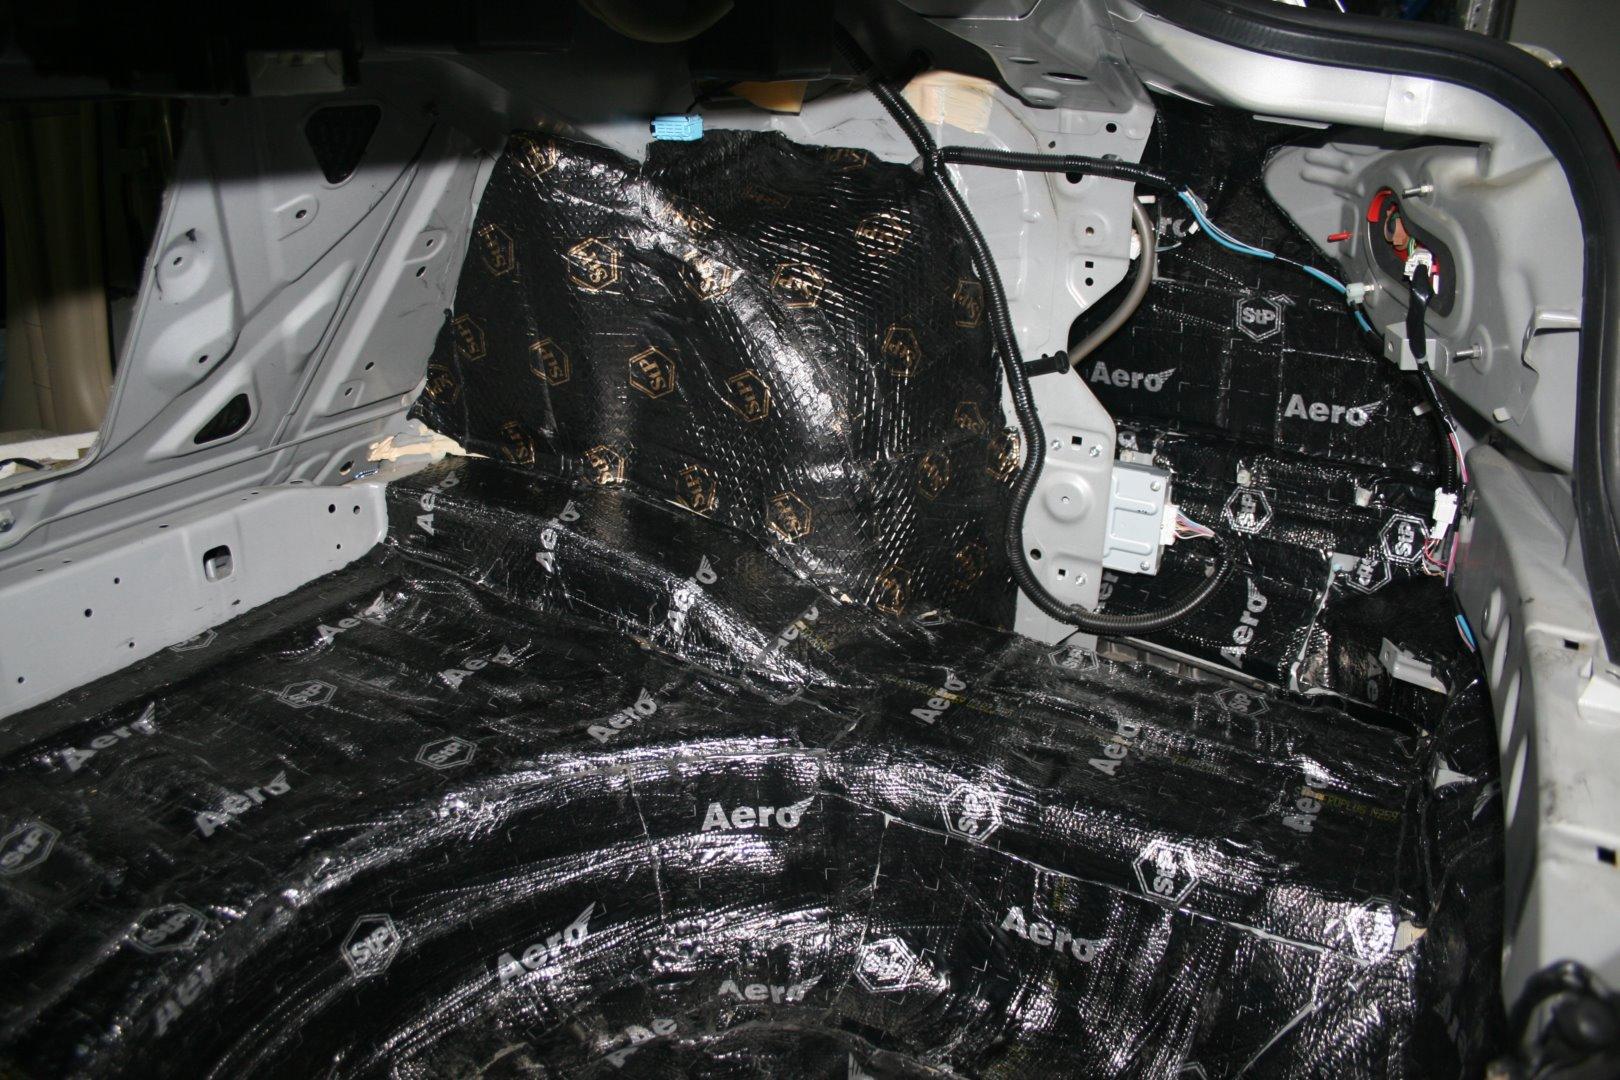 Duct цена kaiflex теплоизоляция